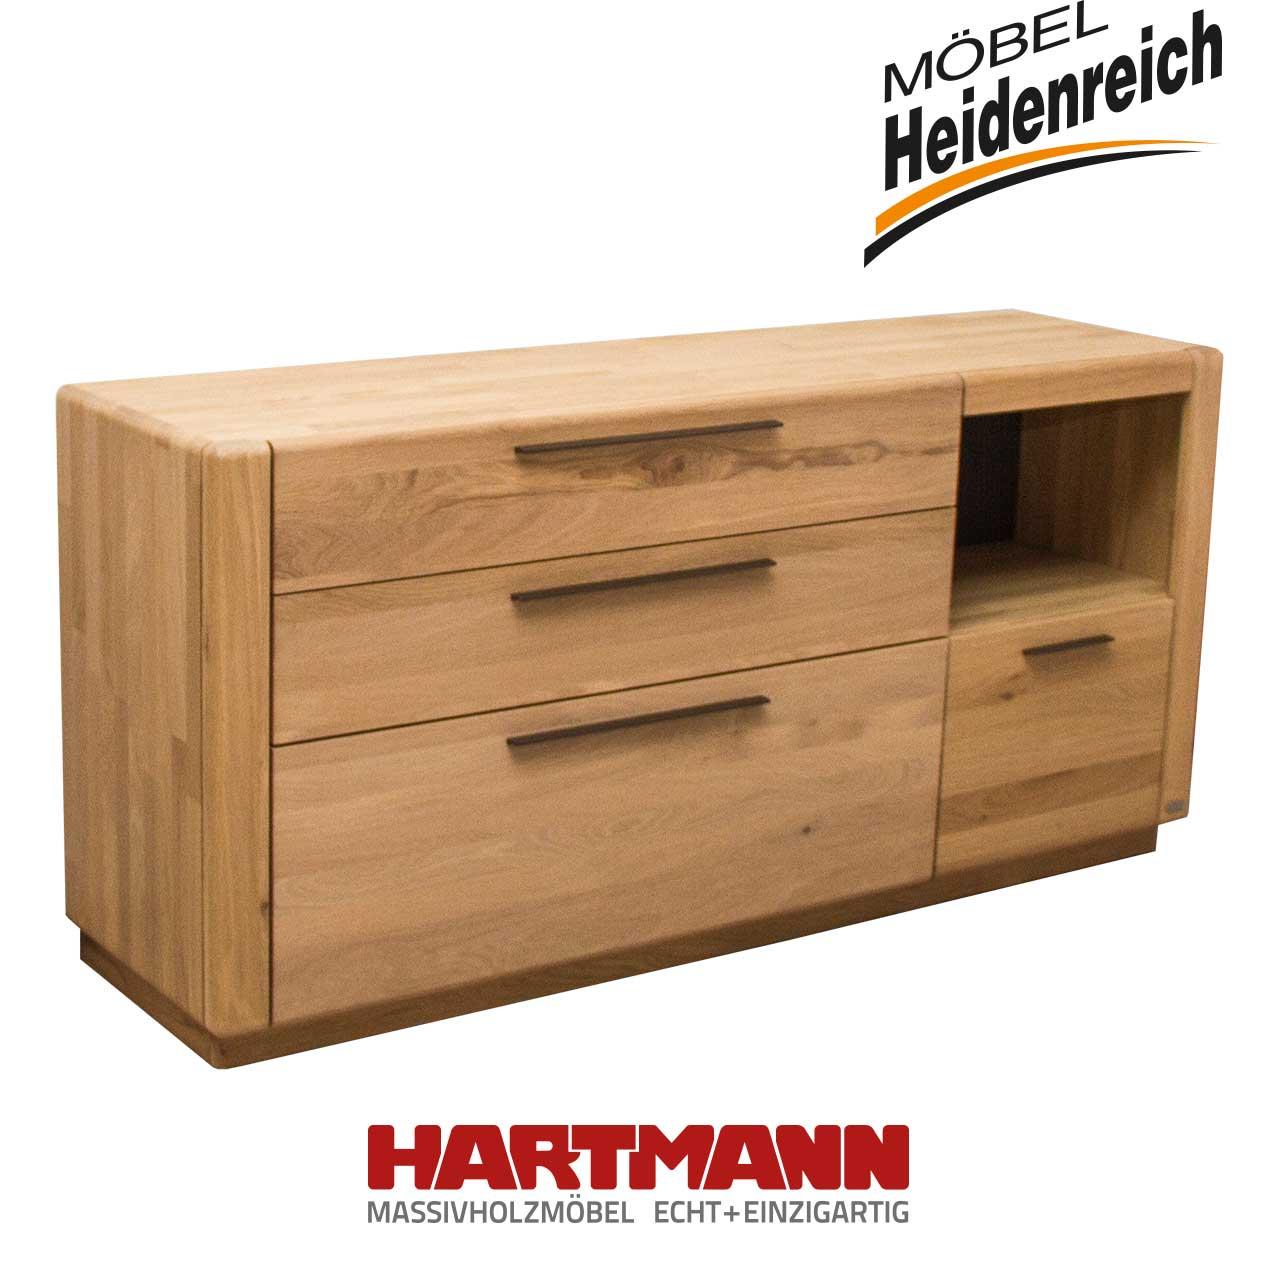 hartmann sideboard rika hartmann marken m bel heidenreich. Black Bedroom Furniture Sets. Home Design Ideas